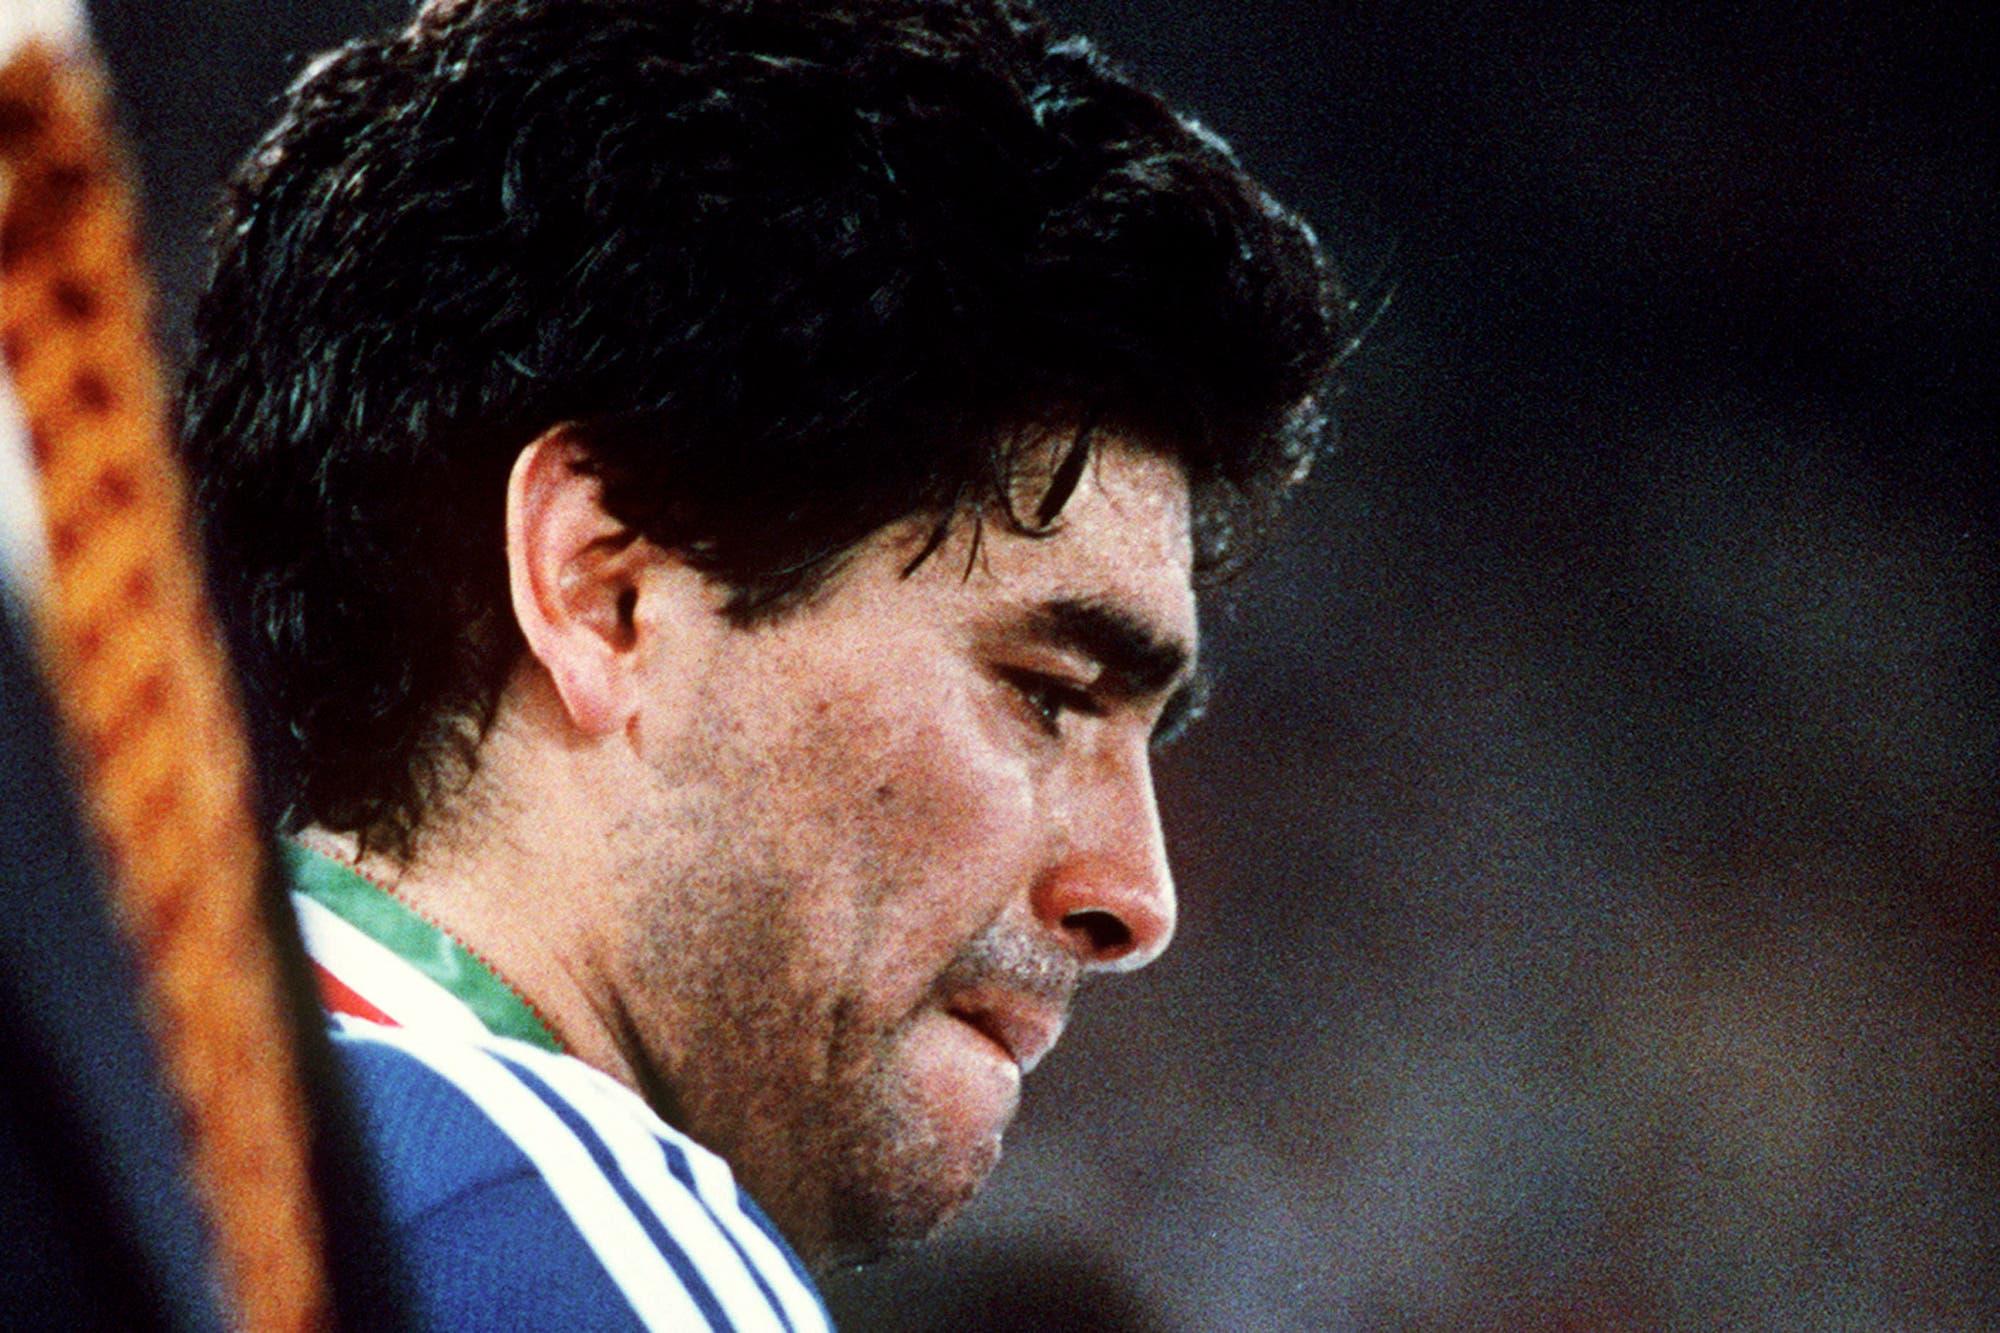 """Italia 90. No lo sabíamos, el 8 de julio fue la escena final de """"El último baile"""" - LA NACION"""